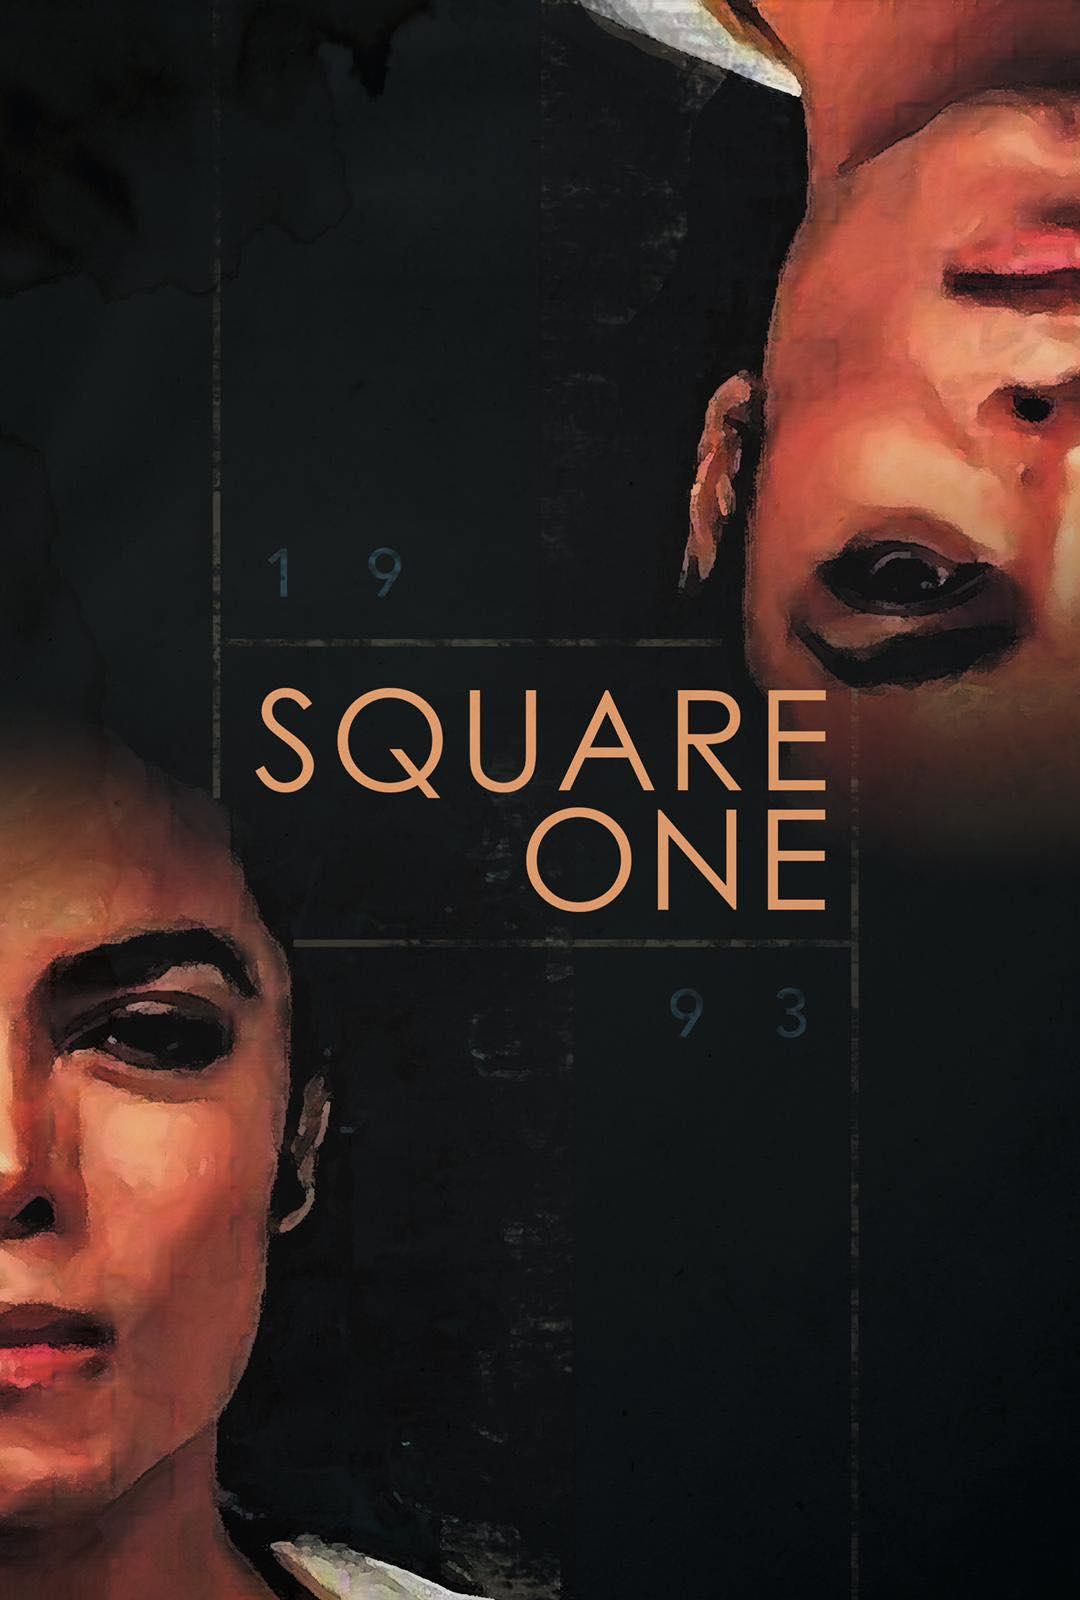 SquareOneMJ-promo-poster.jpg